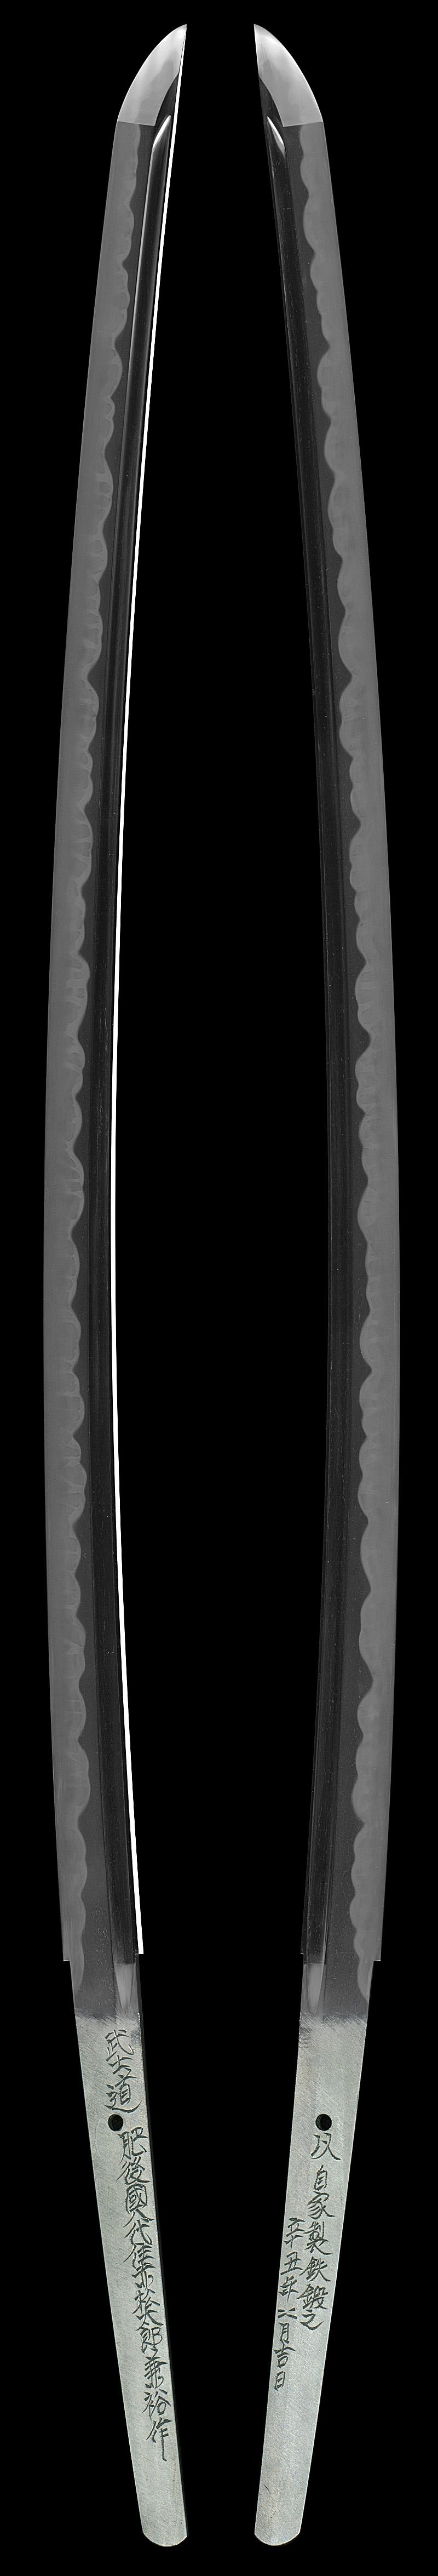 現代刀 刀 武士道 肥後國八代住赤松太郎兼裕作 (木村 馨) (新作刀)      以自家製鉄鍛之 辛丑年四月吉日全体画像